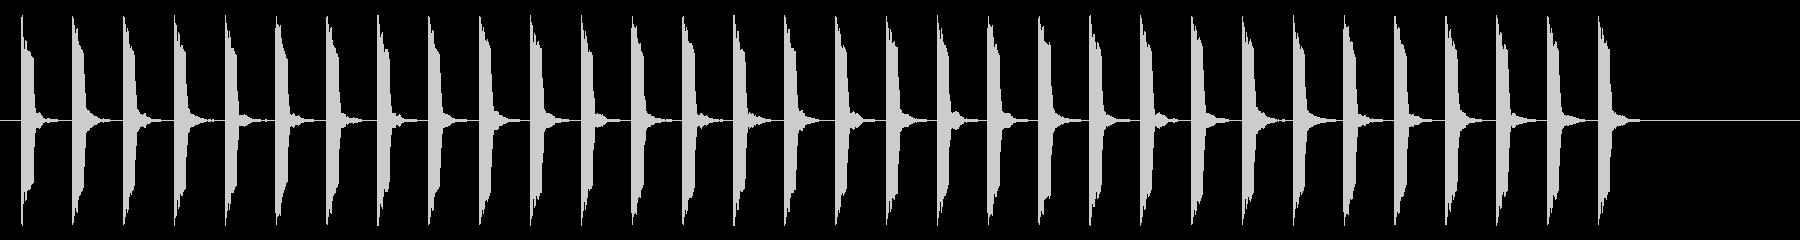 心電図の音-4-8(BPM110)の未再生の波形